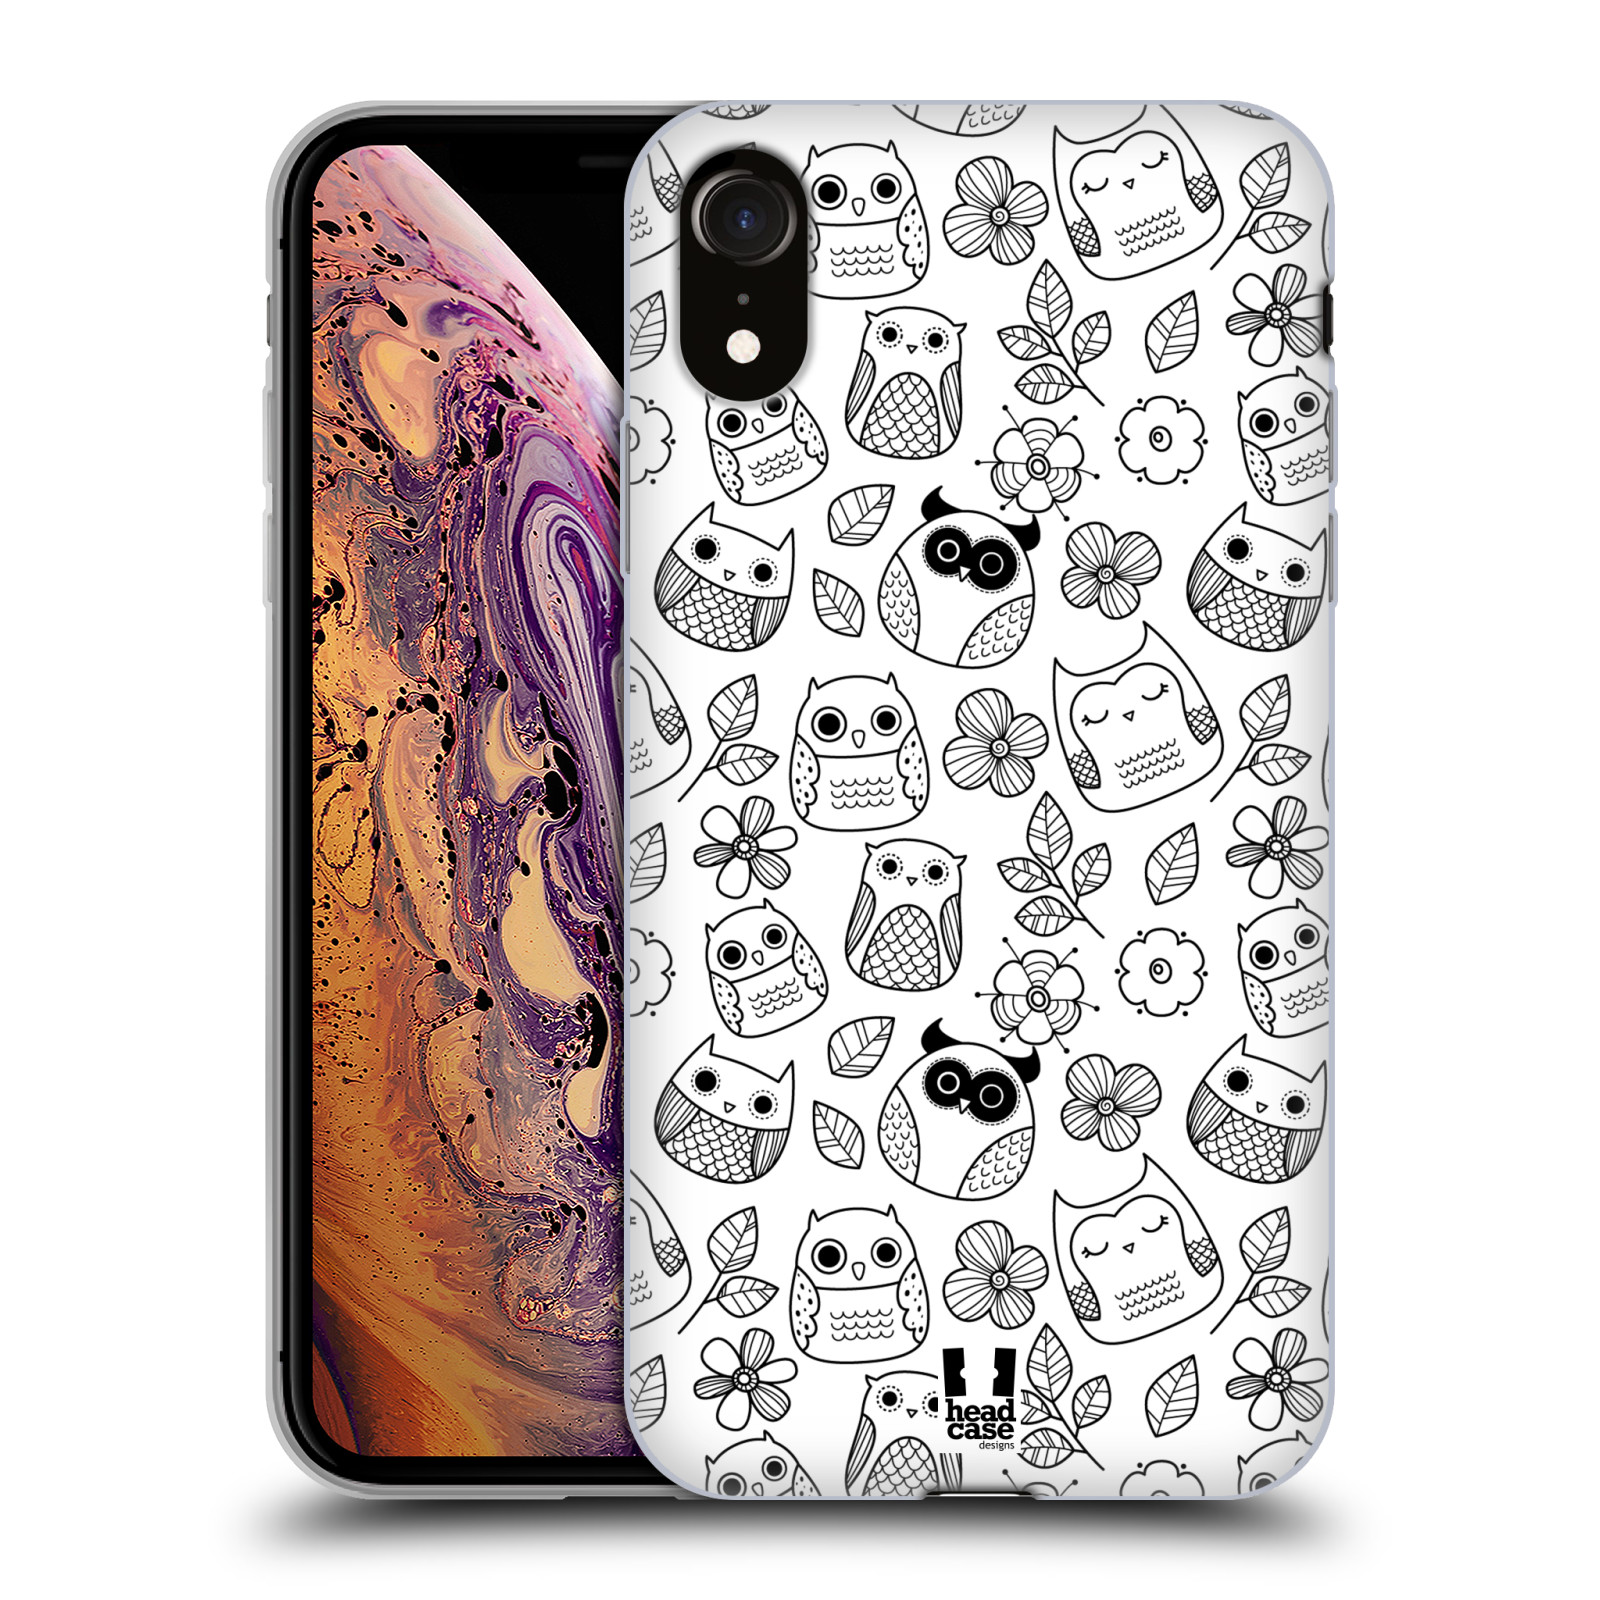 Silikonové pouzdro na mobil Apple iPhone XR - Head Case - SOVIČKY A KYTIČKY